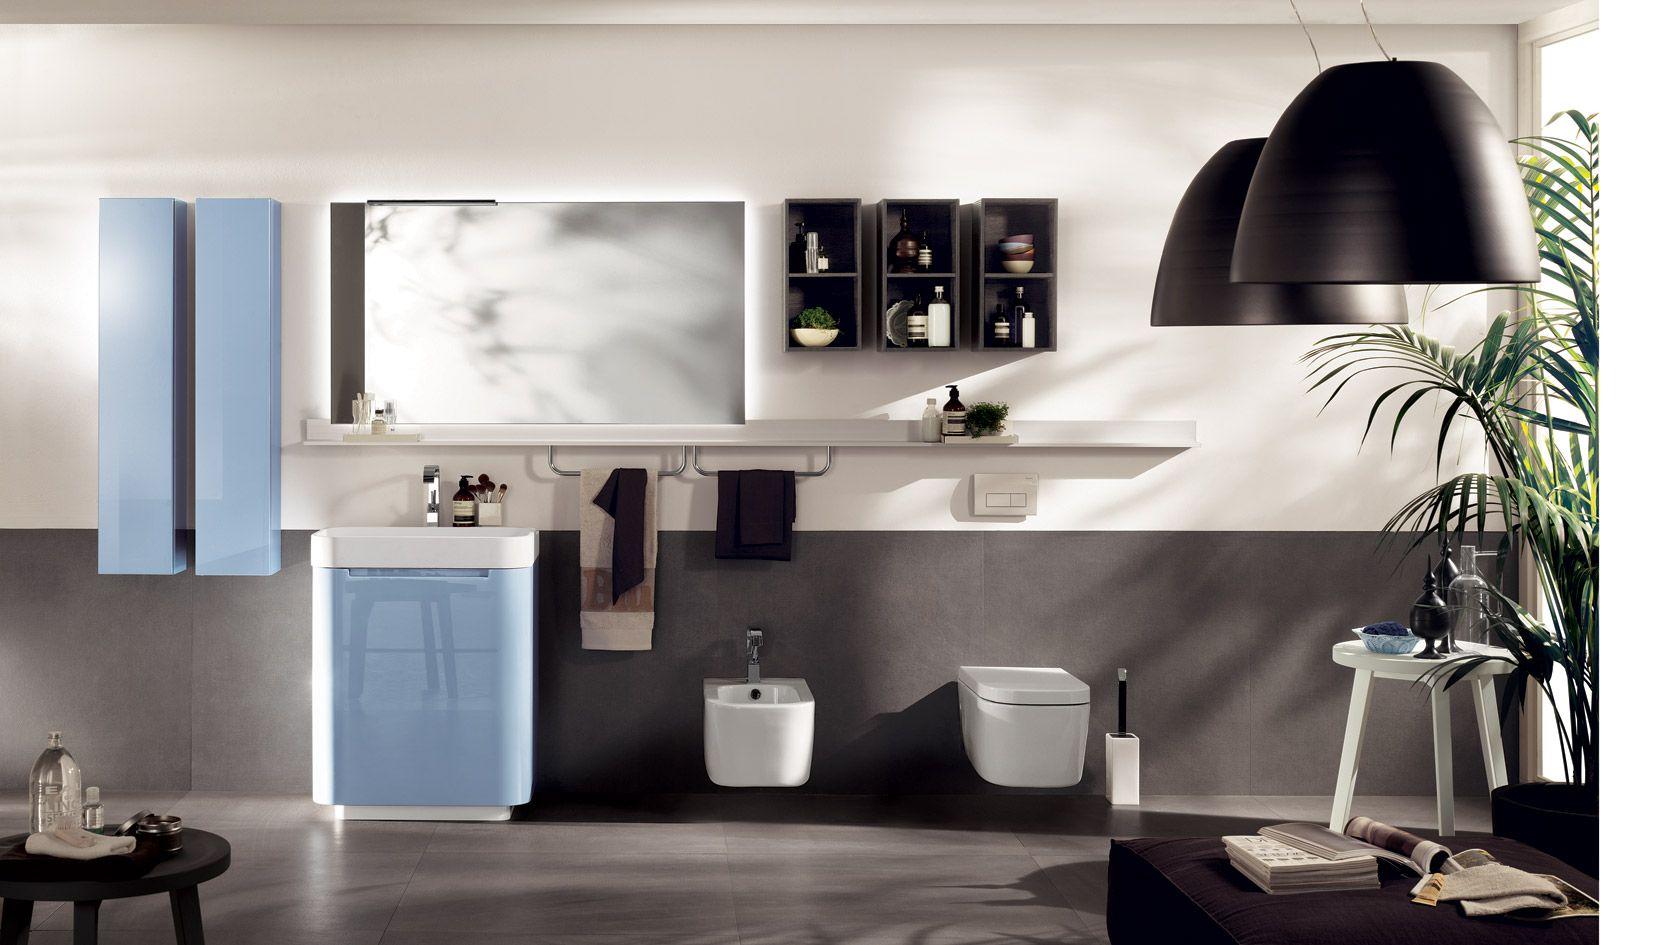 Artimode Bagno ~ Bagno idro scavolini blu for the home bath and